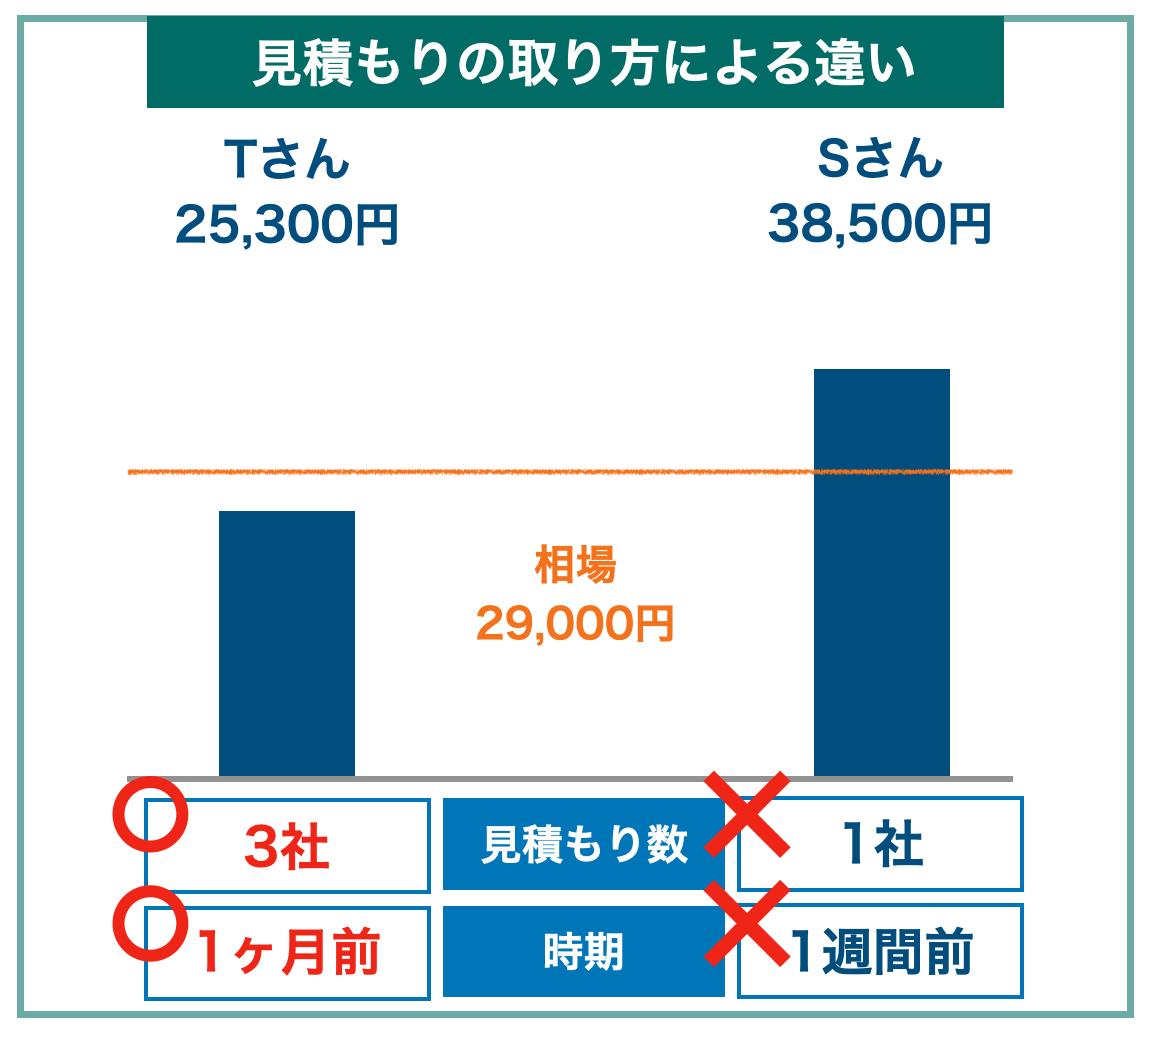 引越し料金の比較